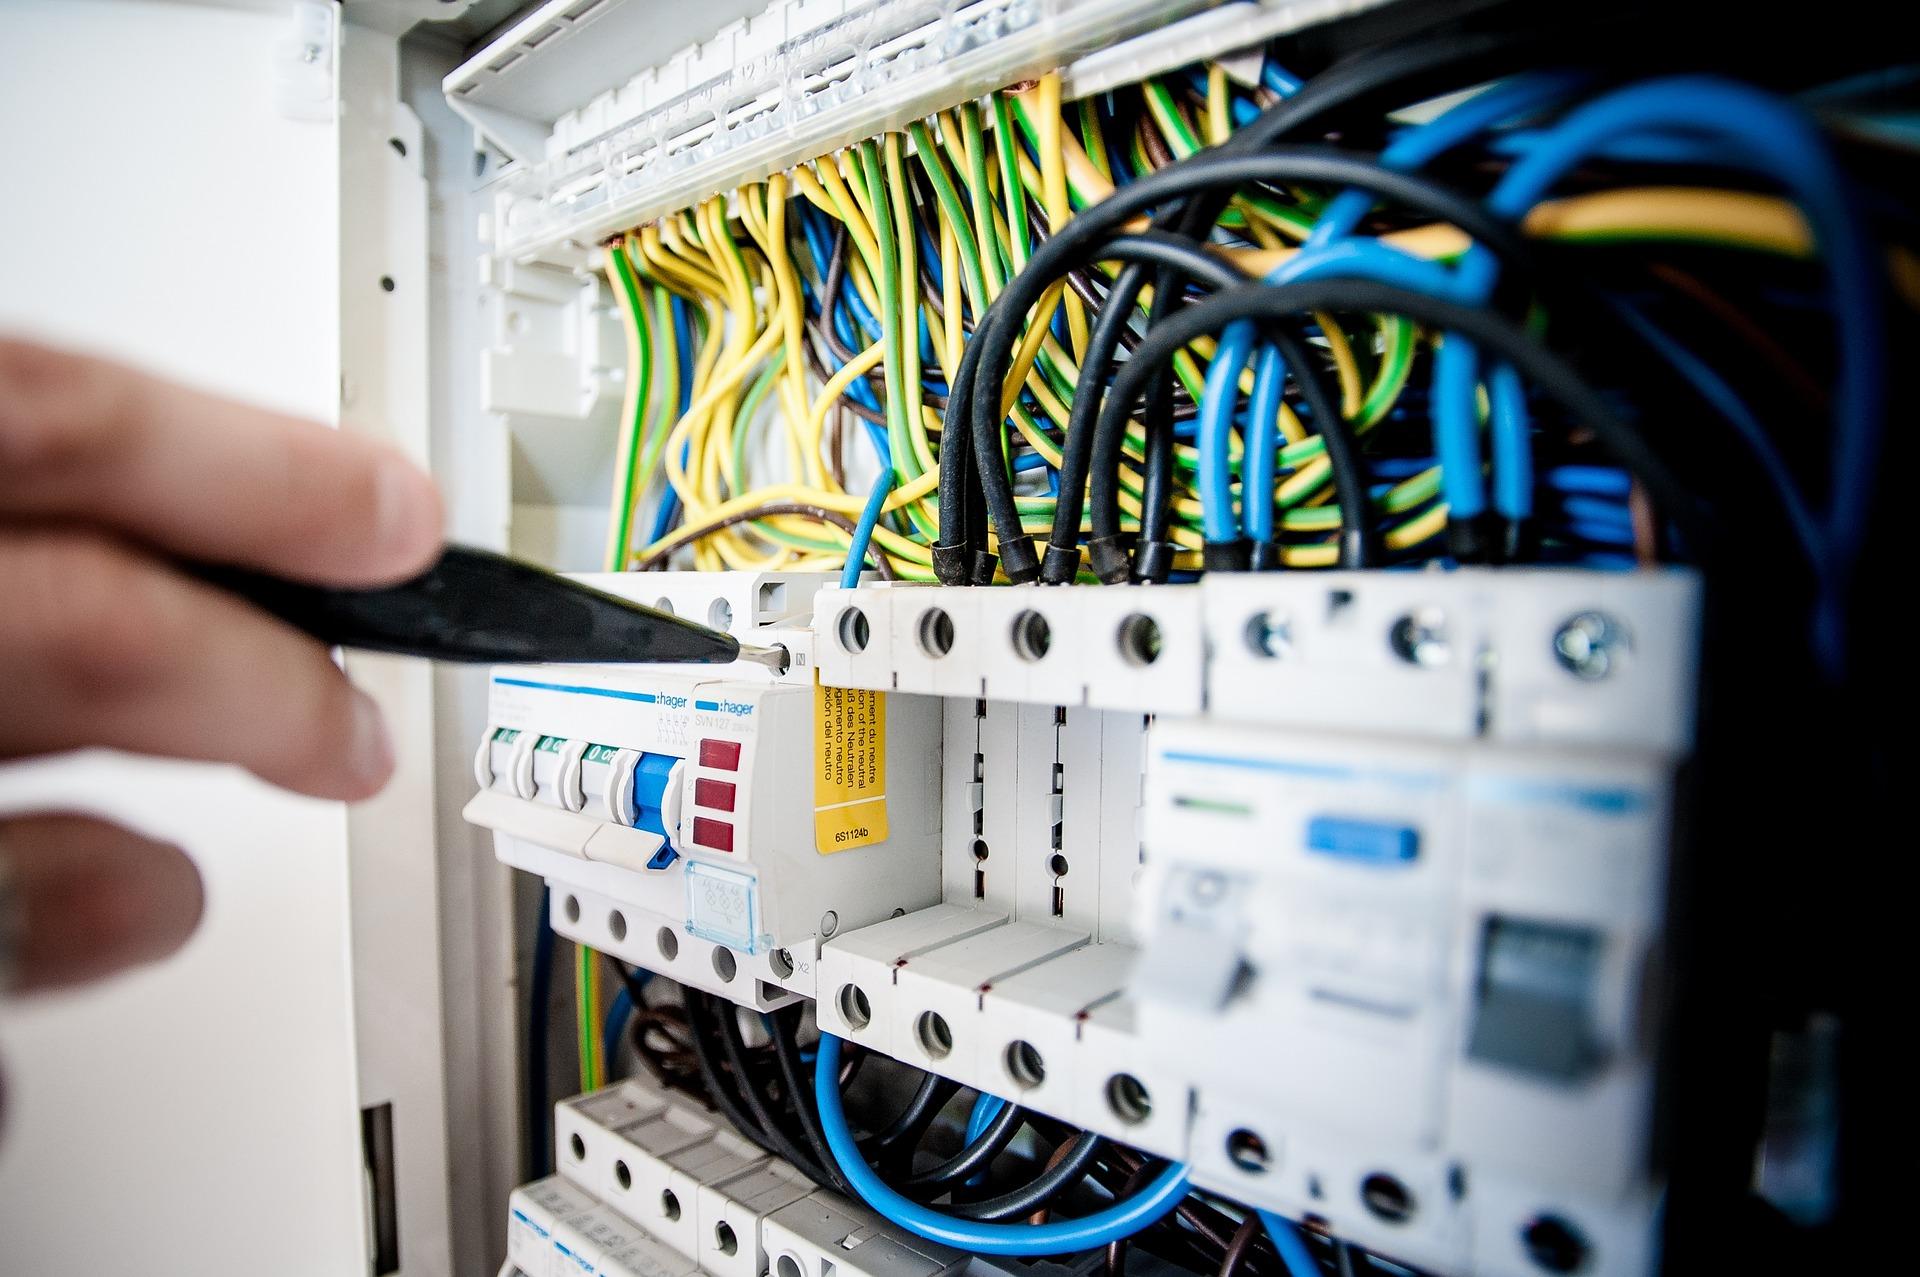 Avvio di un'attività di elettricista